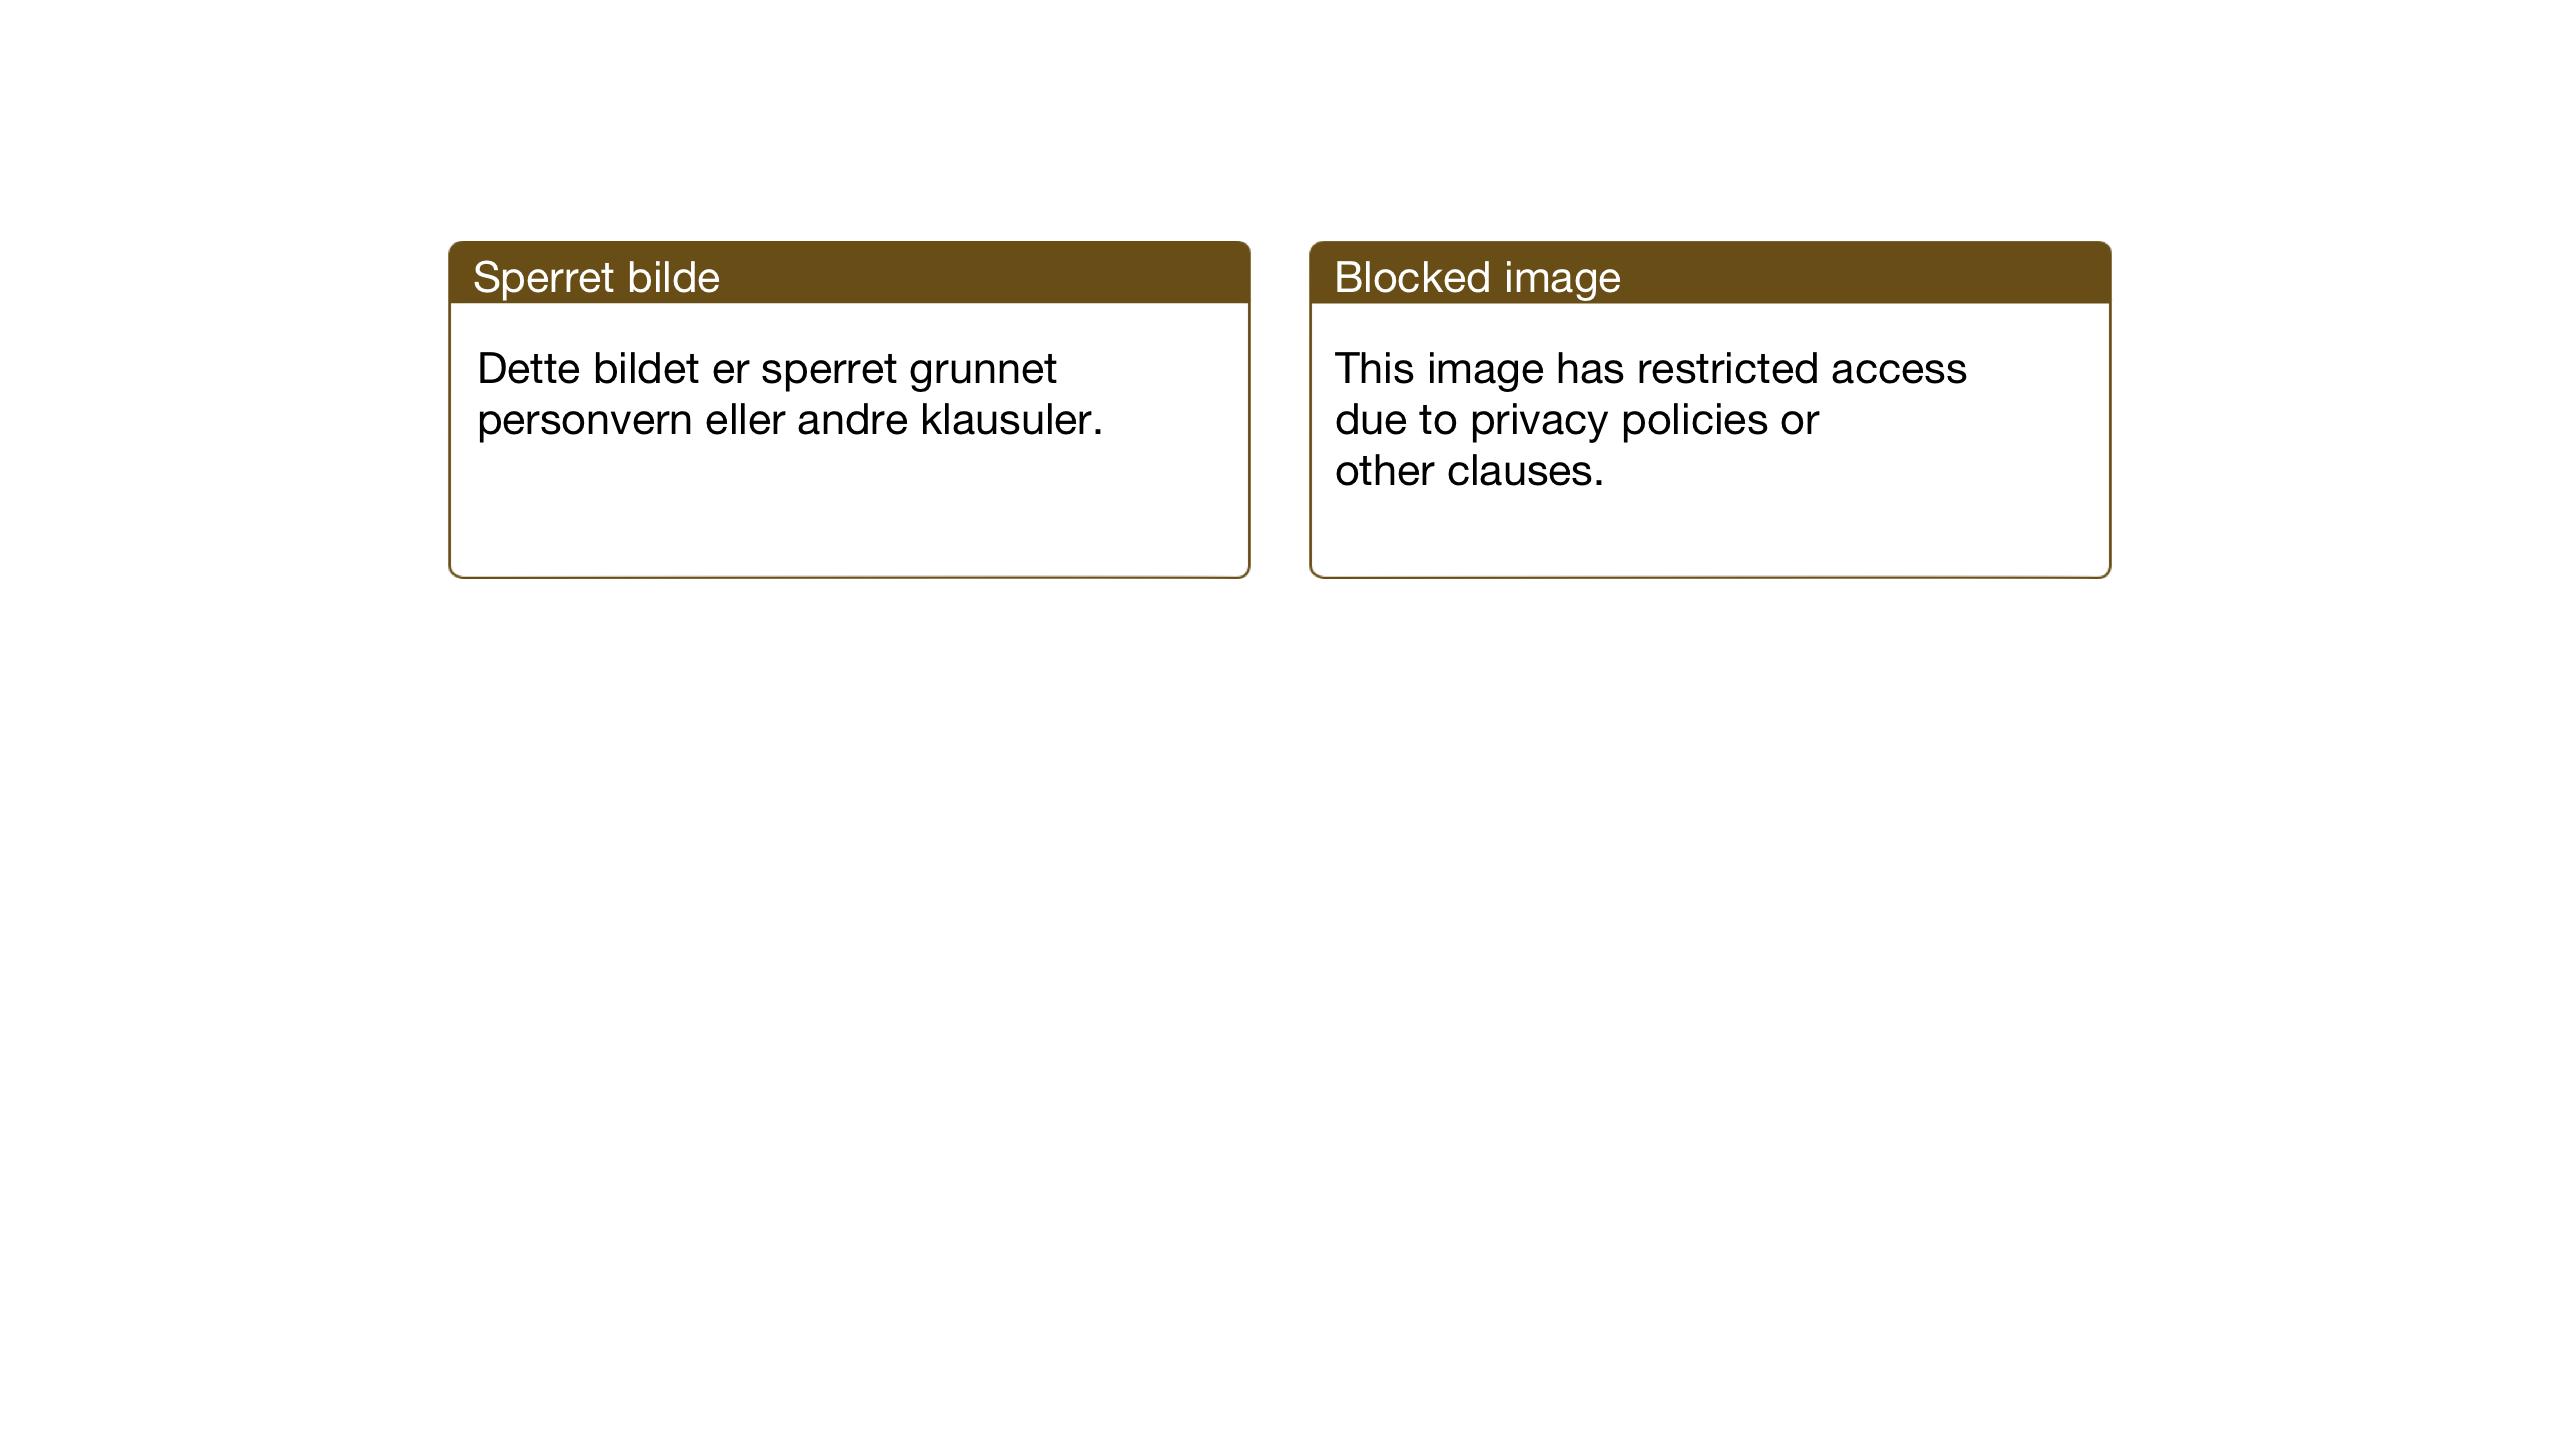 SAT, Ministerialprotokoller, klokkerbøker og fødselsregistre - Sør-Trøndelag, 607/L0328: Klokkerbok nr. 607C02, 1940-1948, s. 178